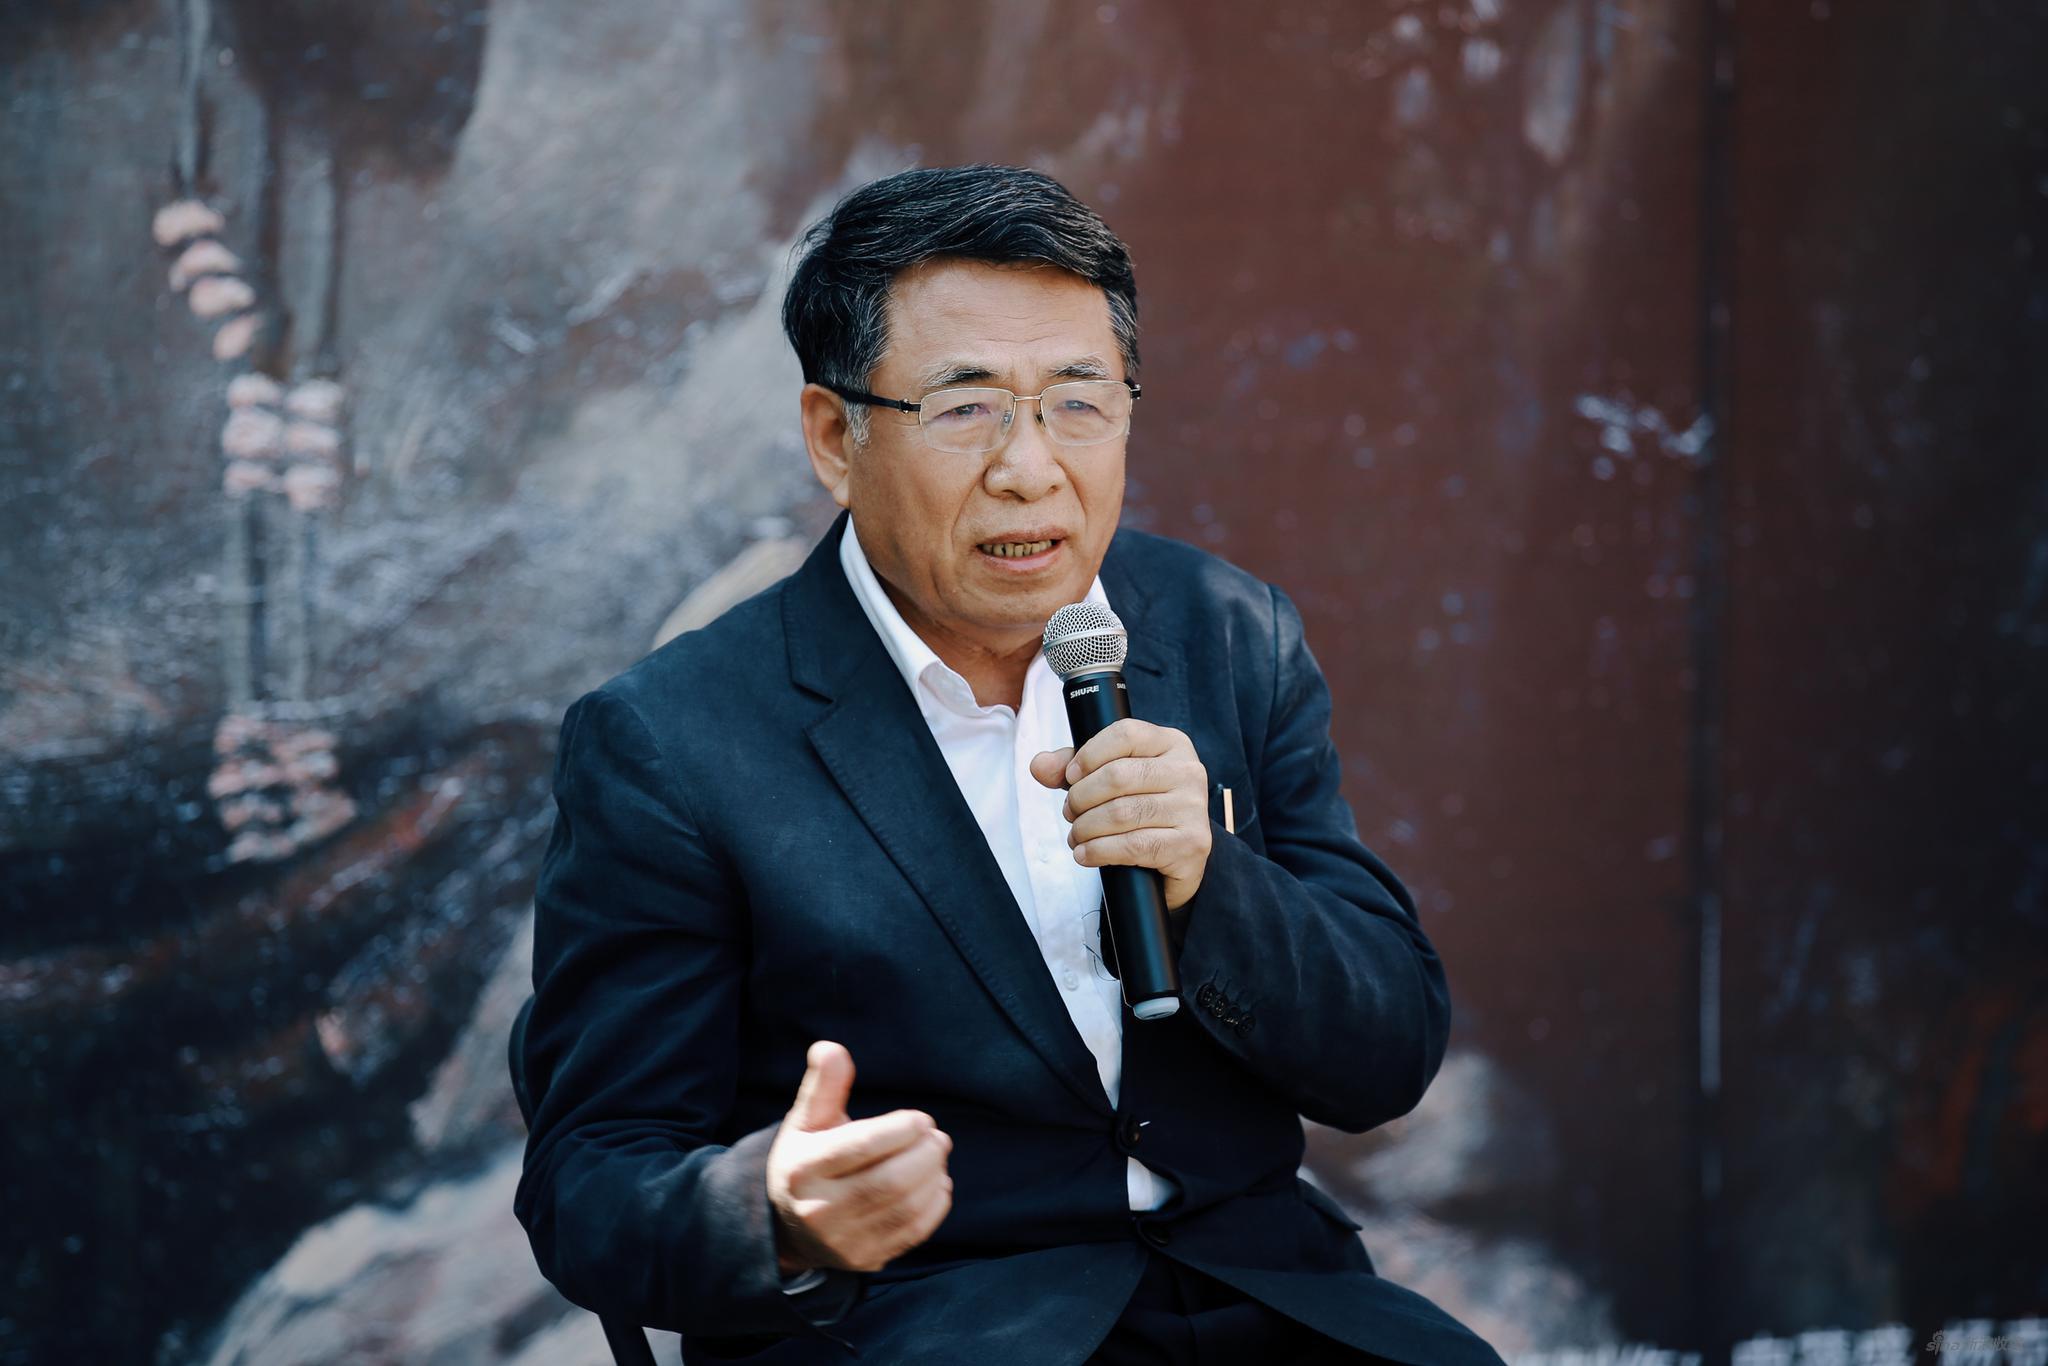 楊飛云:中國藝術研究院油畫院院長,博士生導師。中國美術家協會理事,中國油畫學會副主席,中央美術學院客座教授、本次展覽學術主持